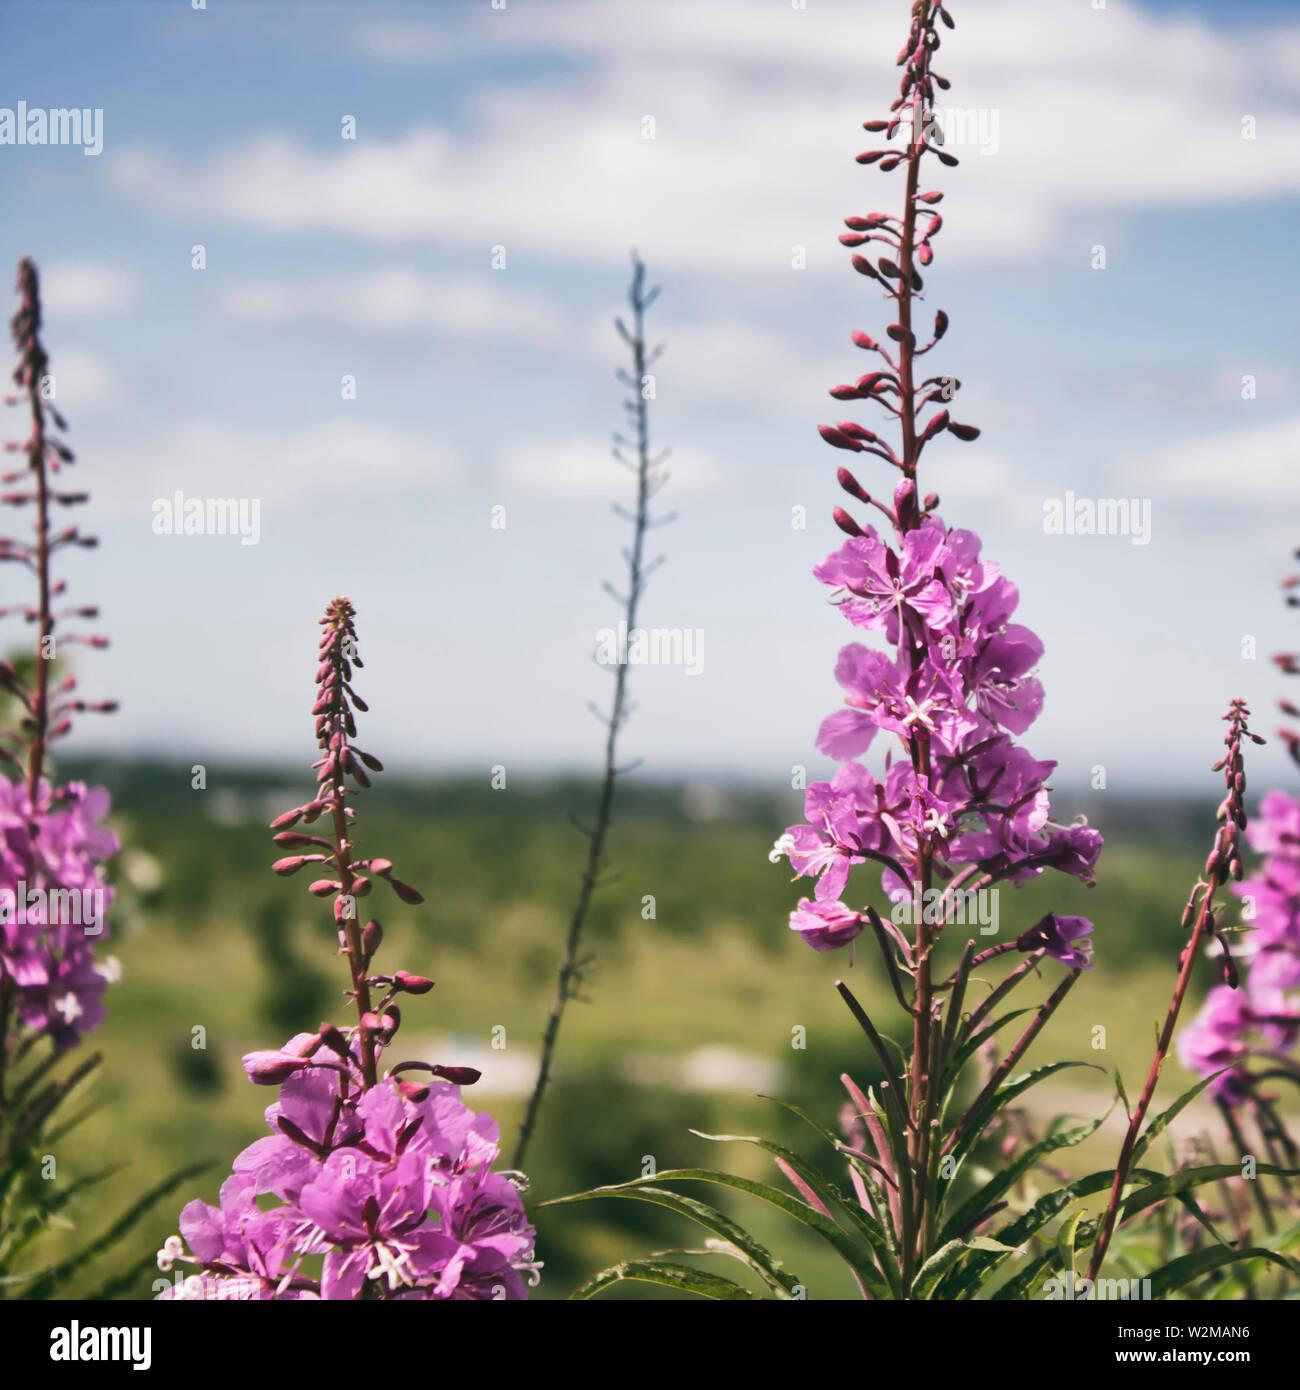 Rosebay willowherb. Chamaenerion. Fireweed angustifolius. Pink flowers. Stock Photo